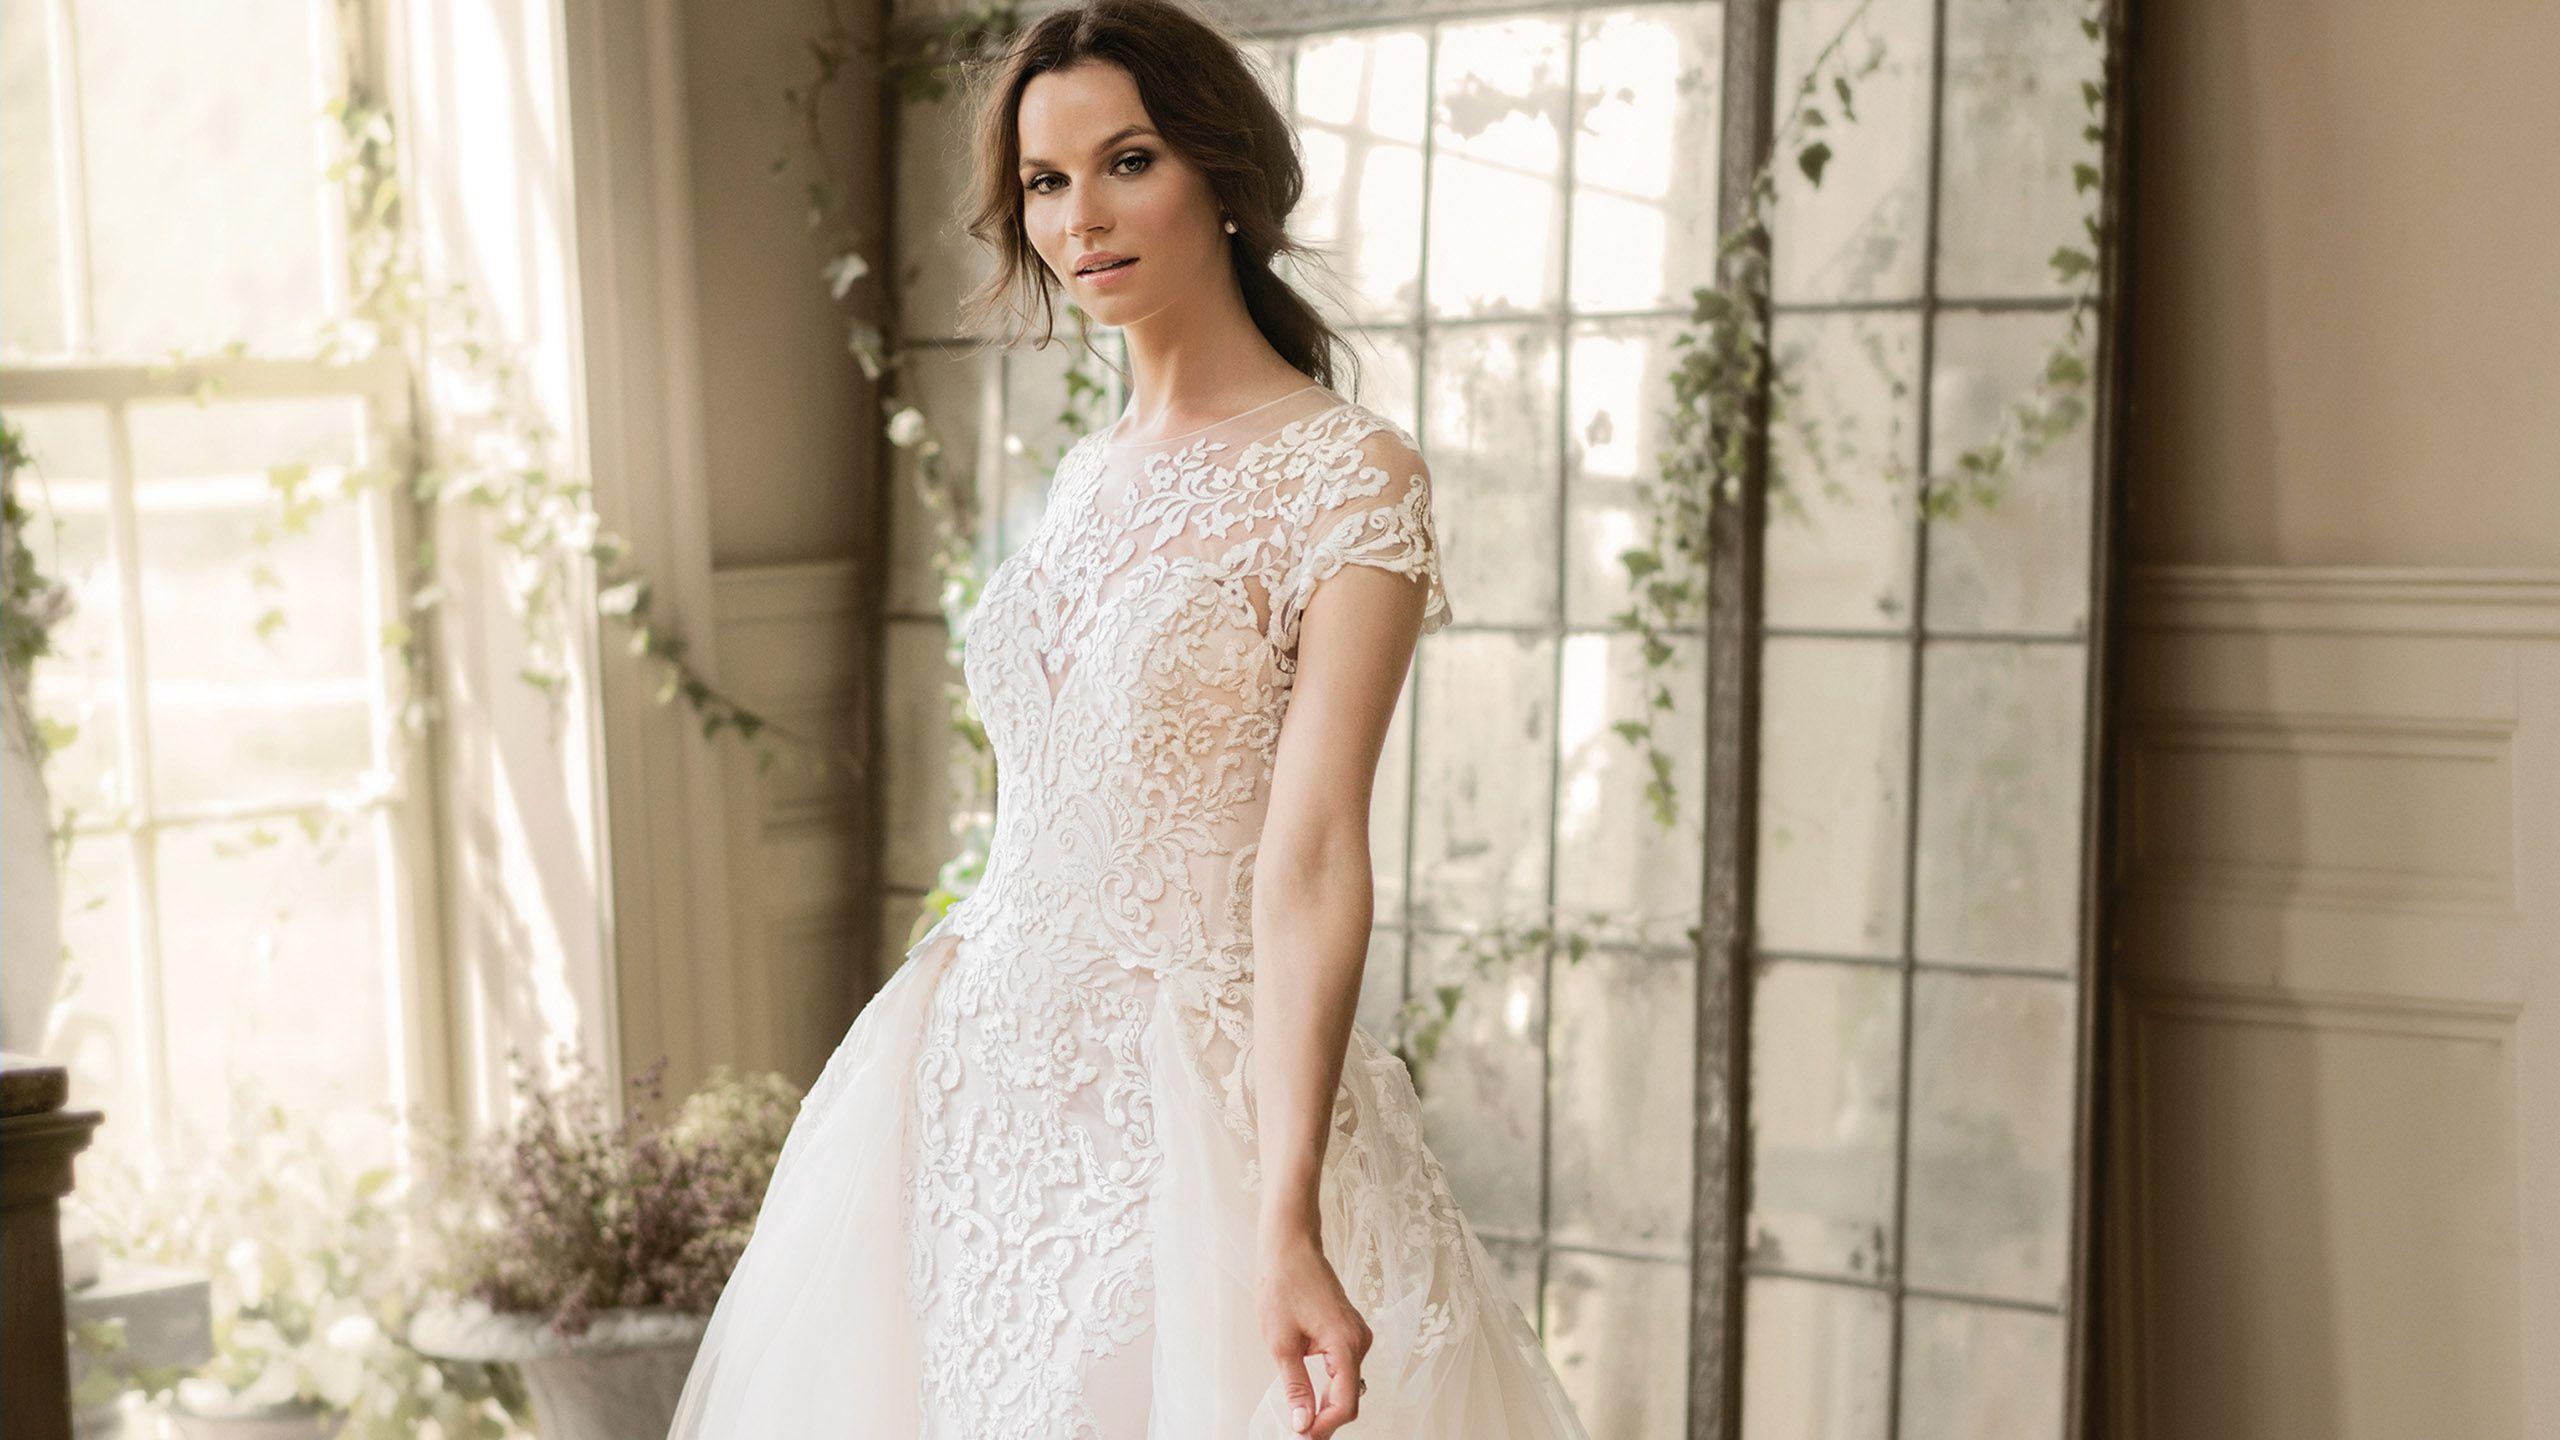 - Stil 9899: Etui-Kleid mit voluminöser, abnehmbarer Schleppe